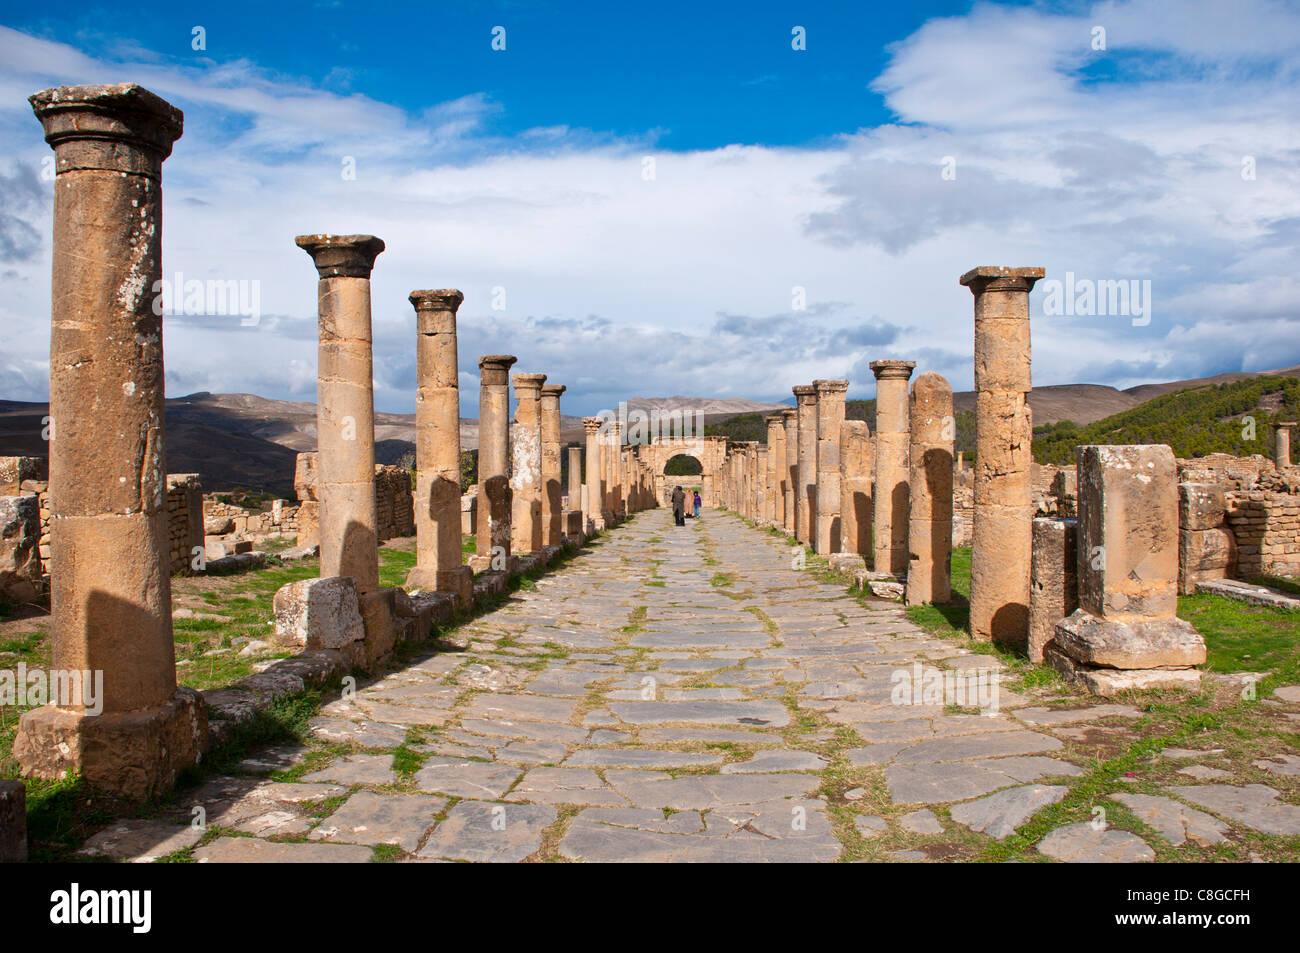 Les ruines romaines de Djemila, Site du patrimoine mondial de l'UNESCO, l'Algérie, l'Afrique du Photo Stock